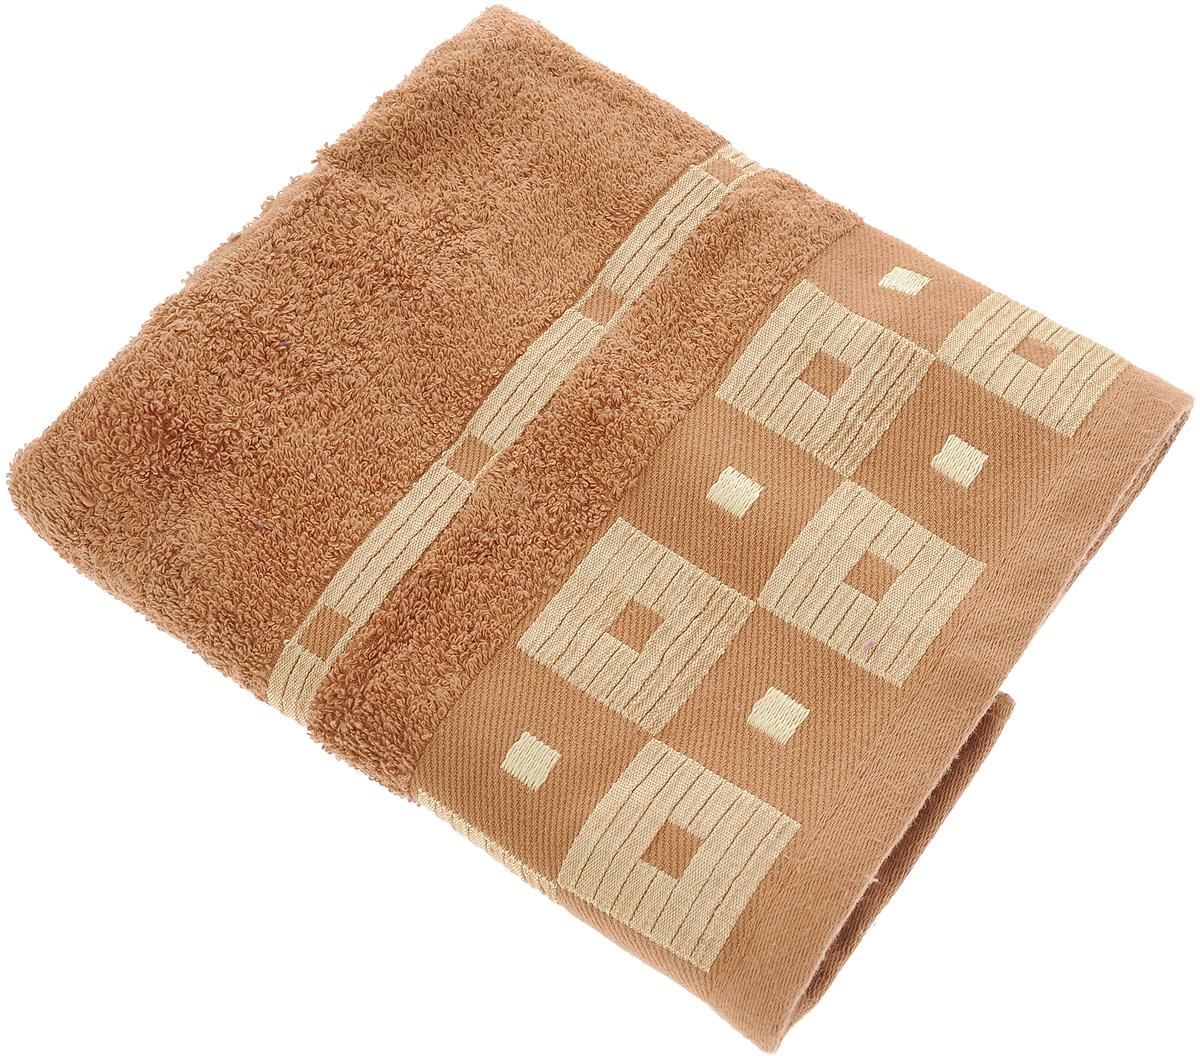 Полотенце Aisha Home Textile, цвет: коричневый, 50 х 90 смУзТ-ПМ-112-09-20кМахровые полотенца AISHA Home Textile идеальное сочетание цены и качества. Полотенца упакованы в стильную подарочную коробку. В состав входит только натуральное волокно - хлопок. Лаконичные бордюры подойдут для любого интерьера ванной комнаты. Полотенца прекрасно впитывает влагу и быстро сохнут. При соблюдении рекомендаций по уходу не линяют и не теряют форму даже после многократных стирок.Состав: 100% хлопок.